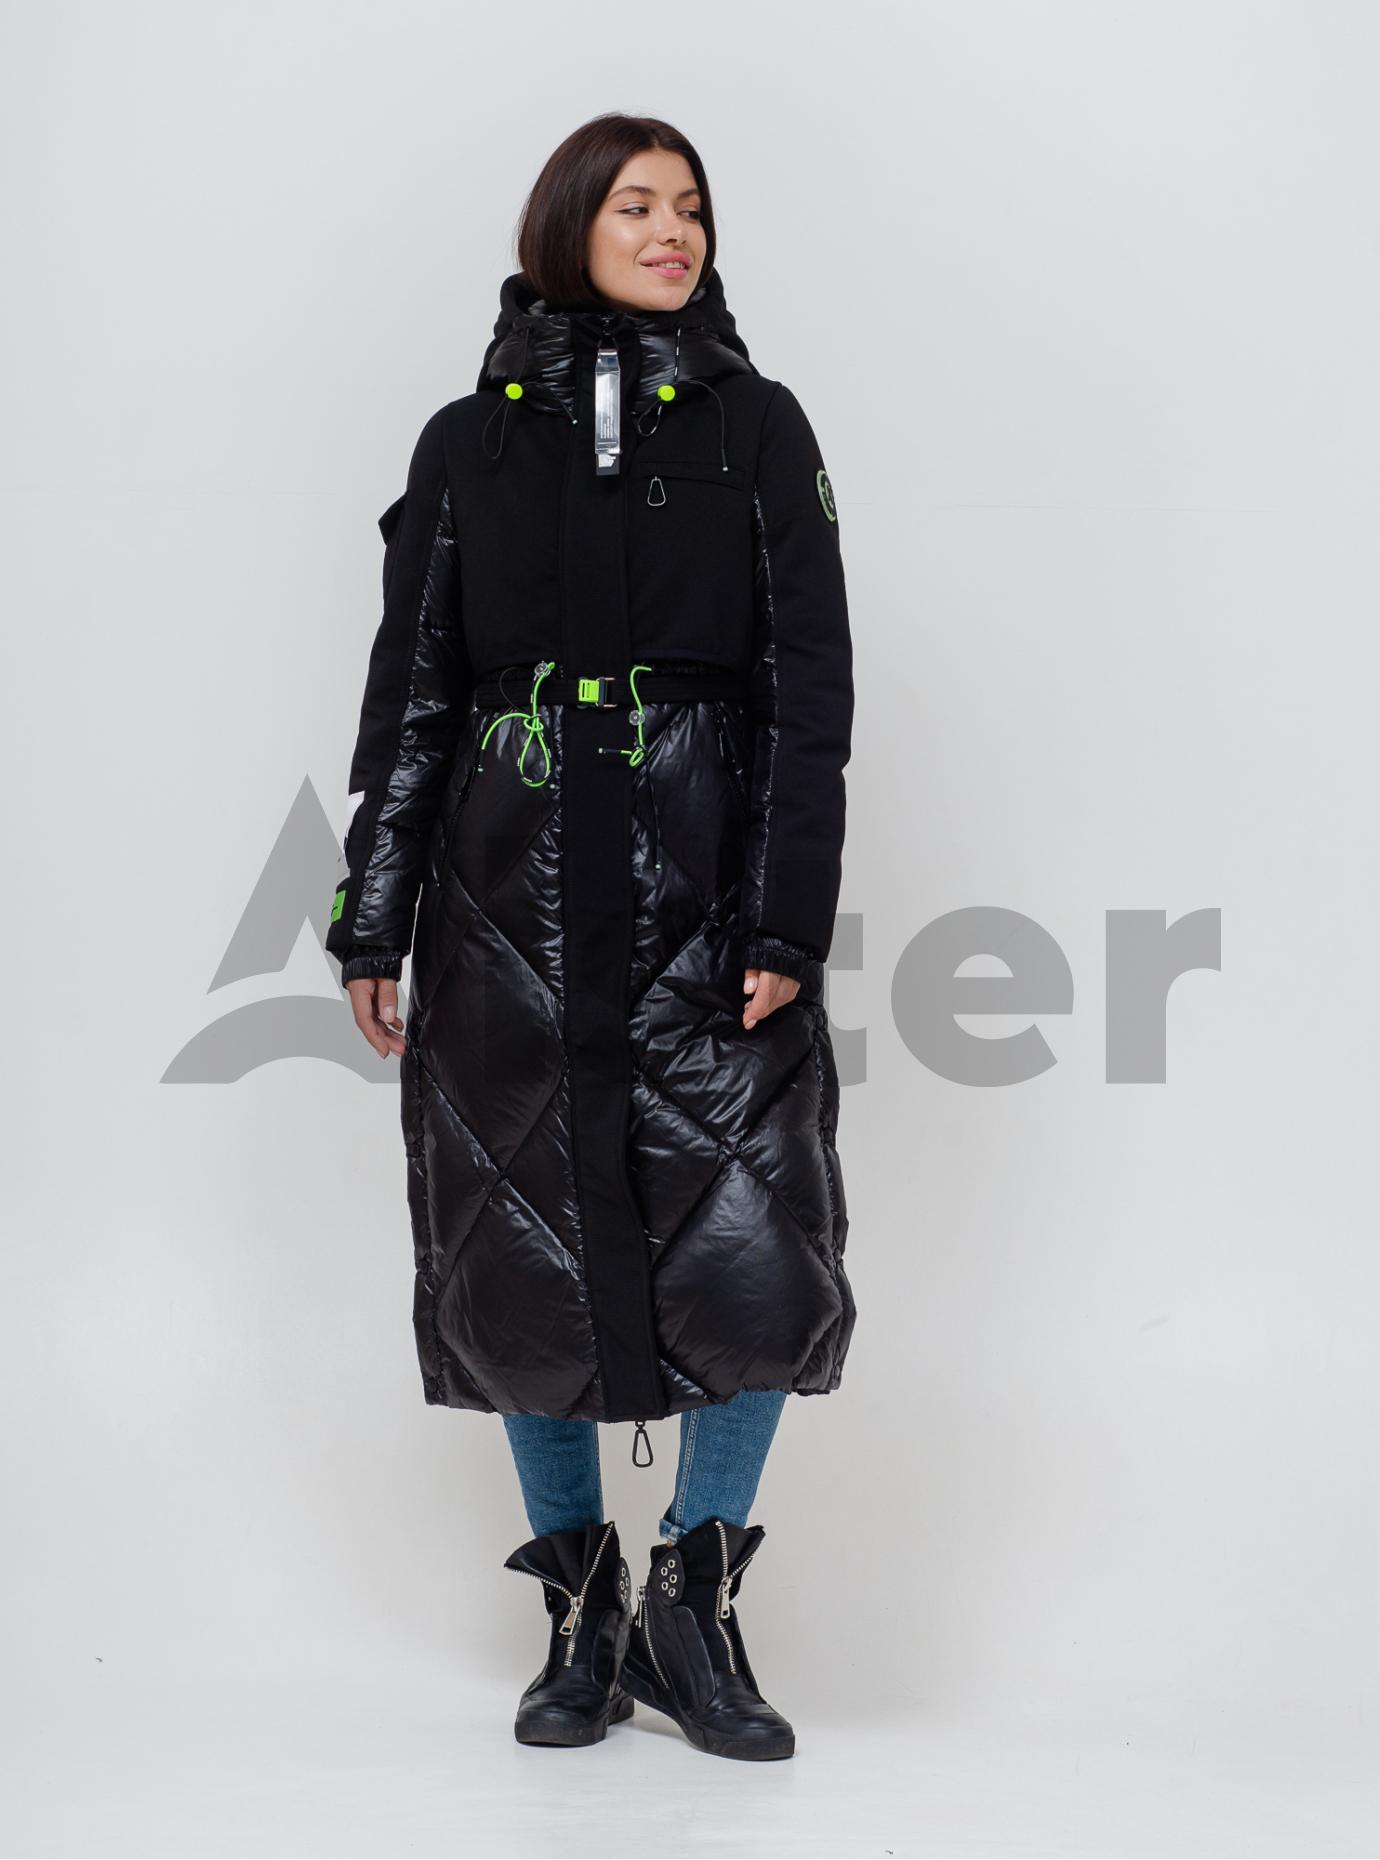 Пуховик женский Чёрный M (06-KL201149): фото - Alster.ua